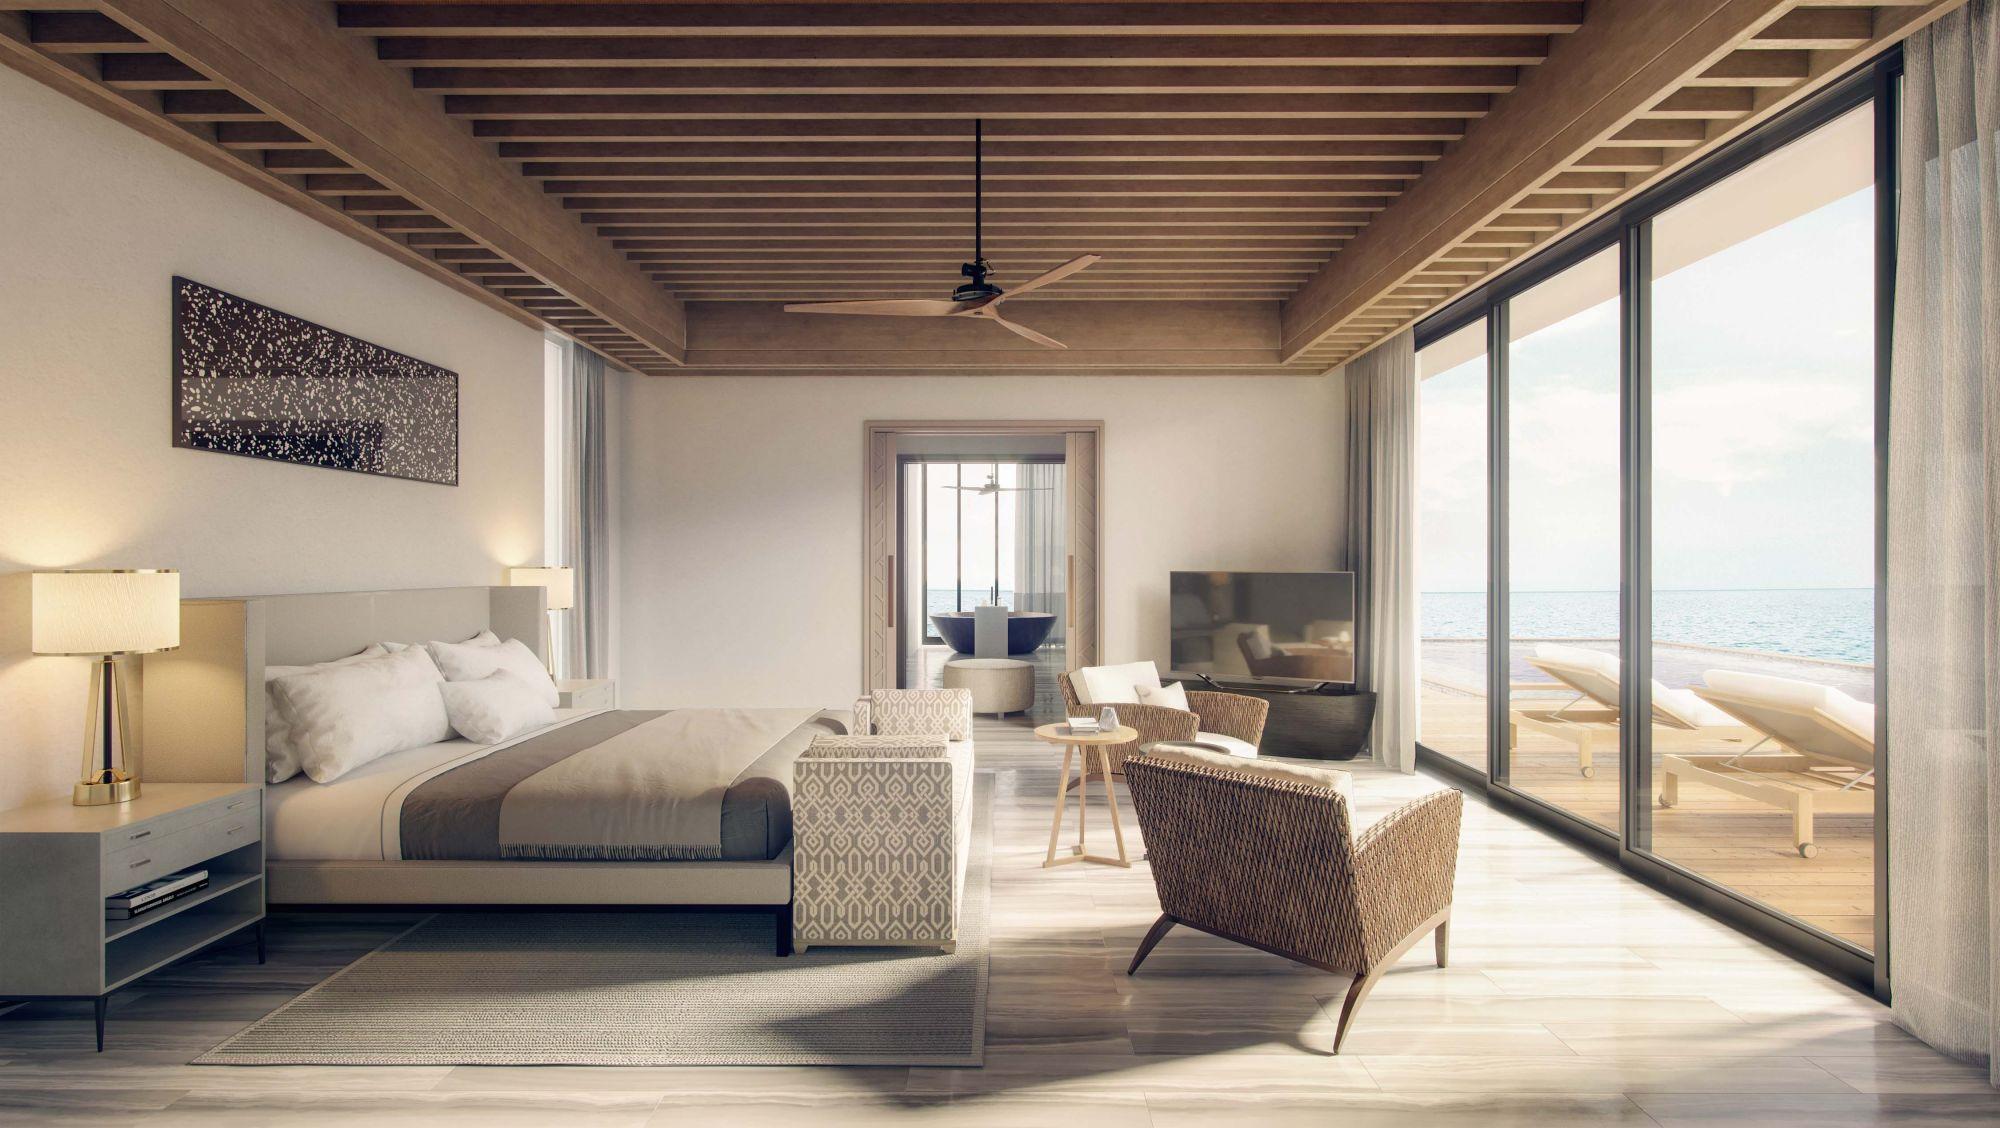 12 Luxury Hotel Openings To Note In 2019 | Hong Kong Tatler